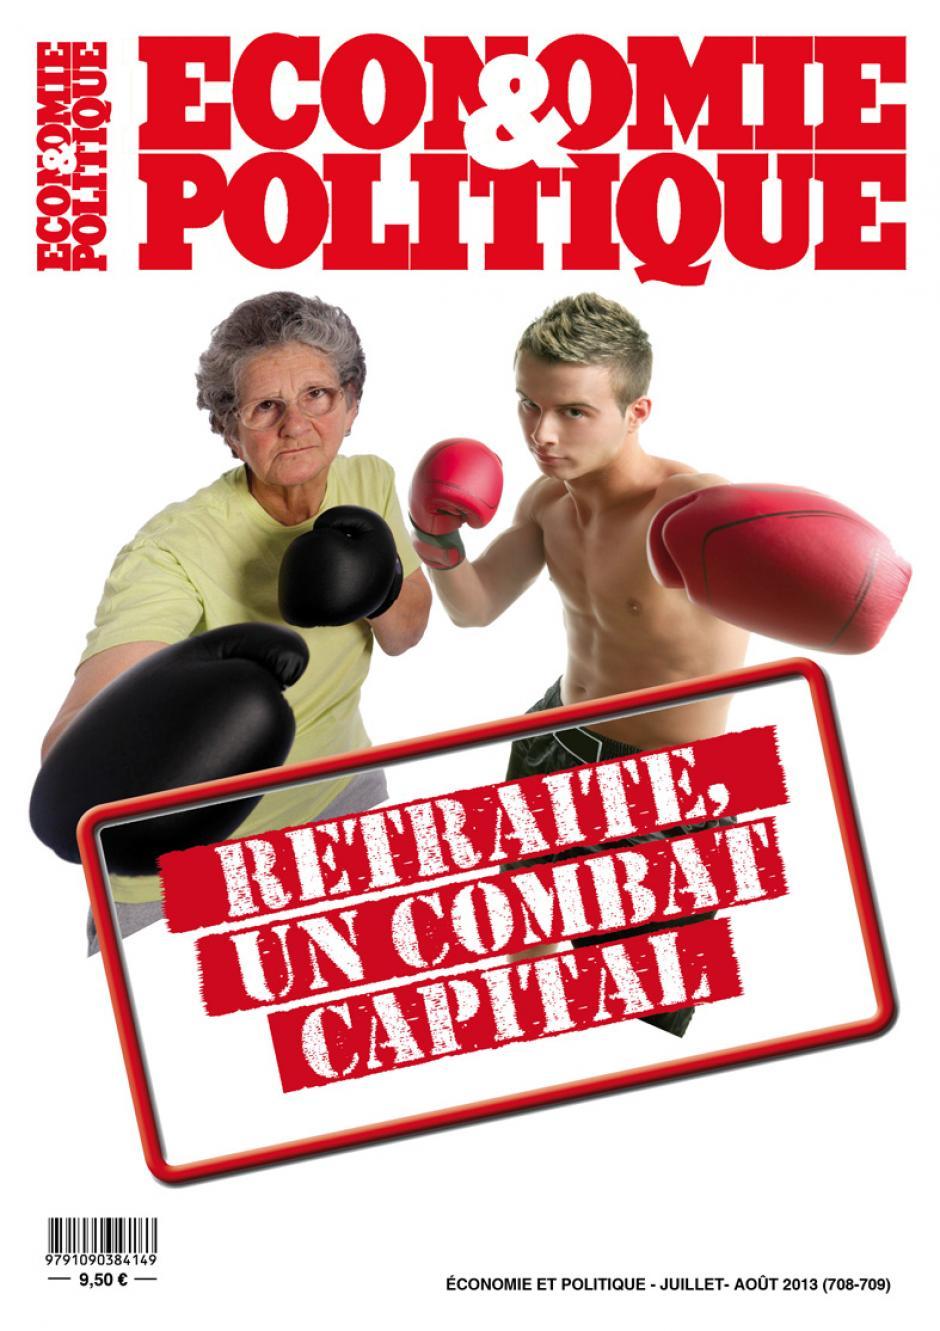 Economie et Politique Juillet-Août 2013